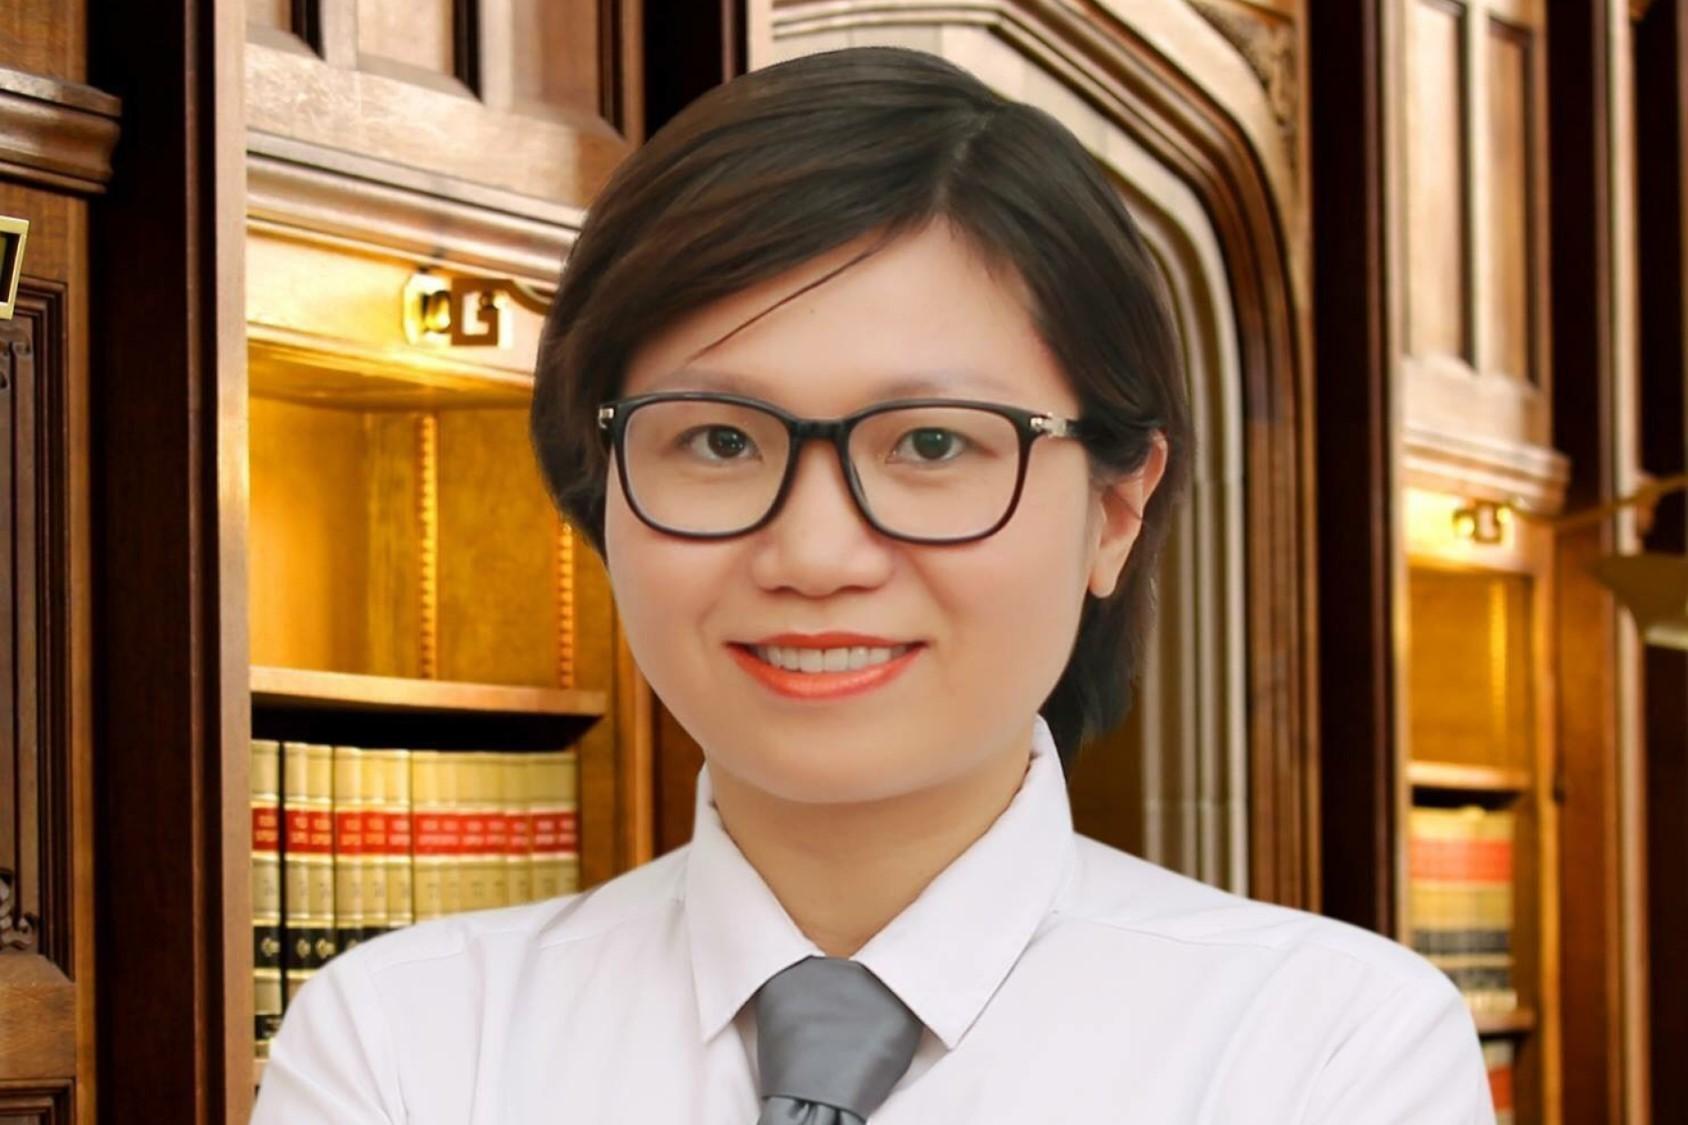 Dinh Thi Hoang Nhung